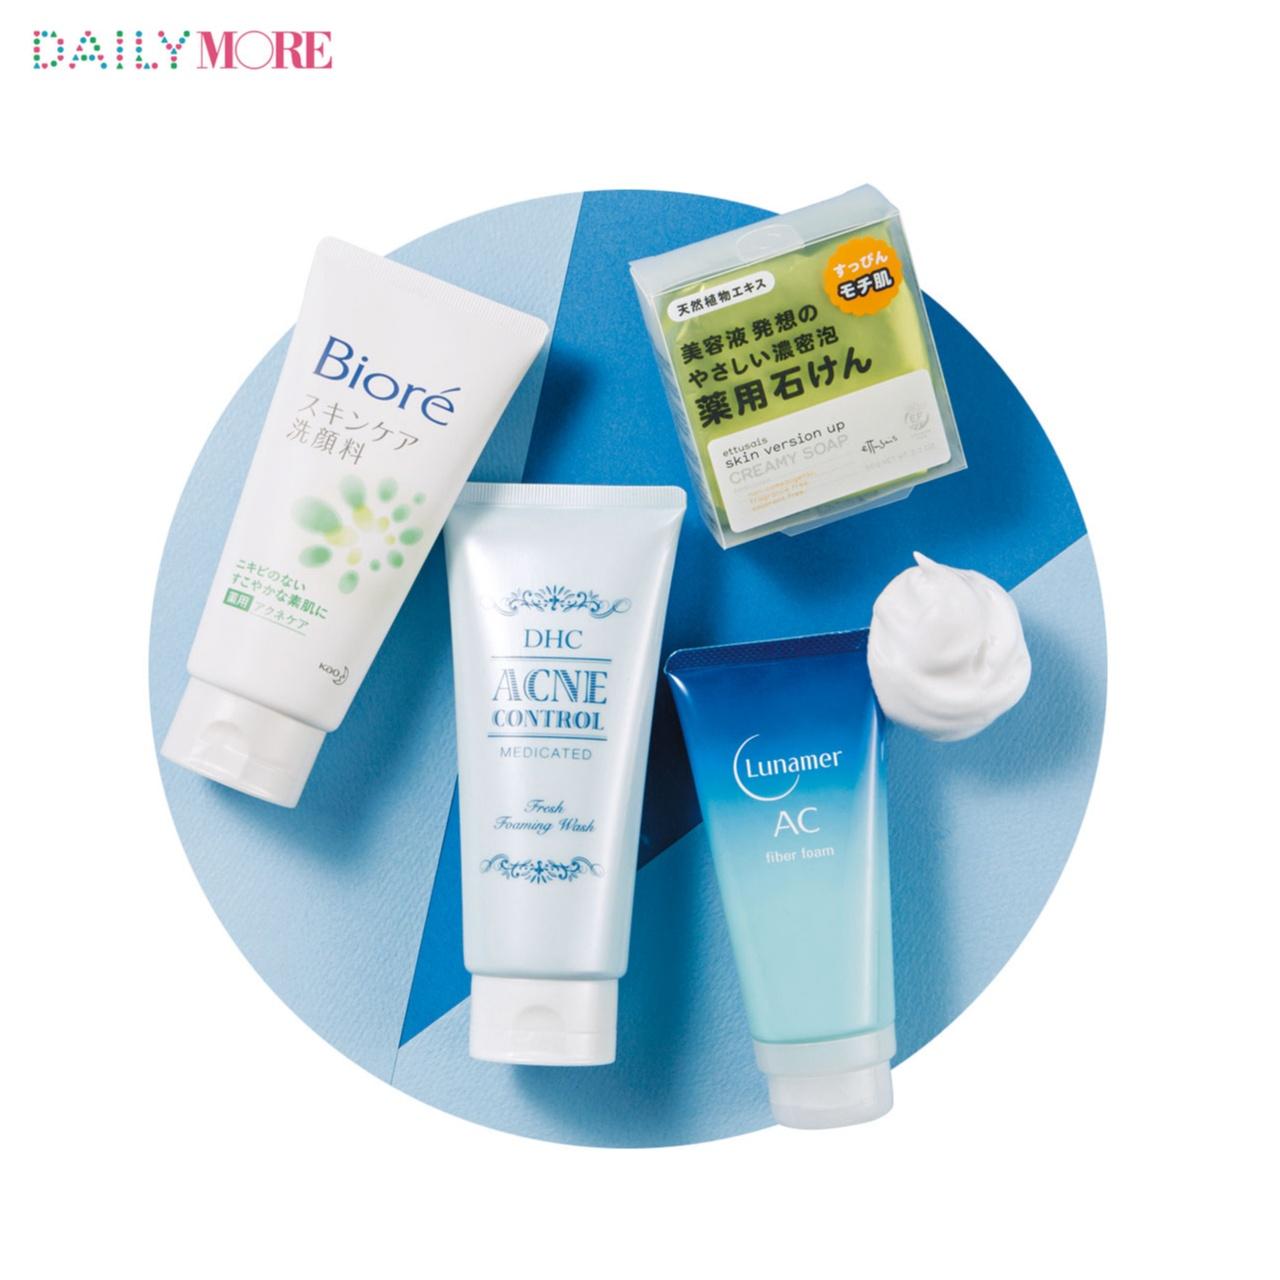 ニキビケア特集 - ニキビの原因は? 洗顔などおすすめのケア方法は?_23